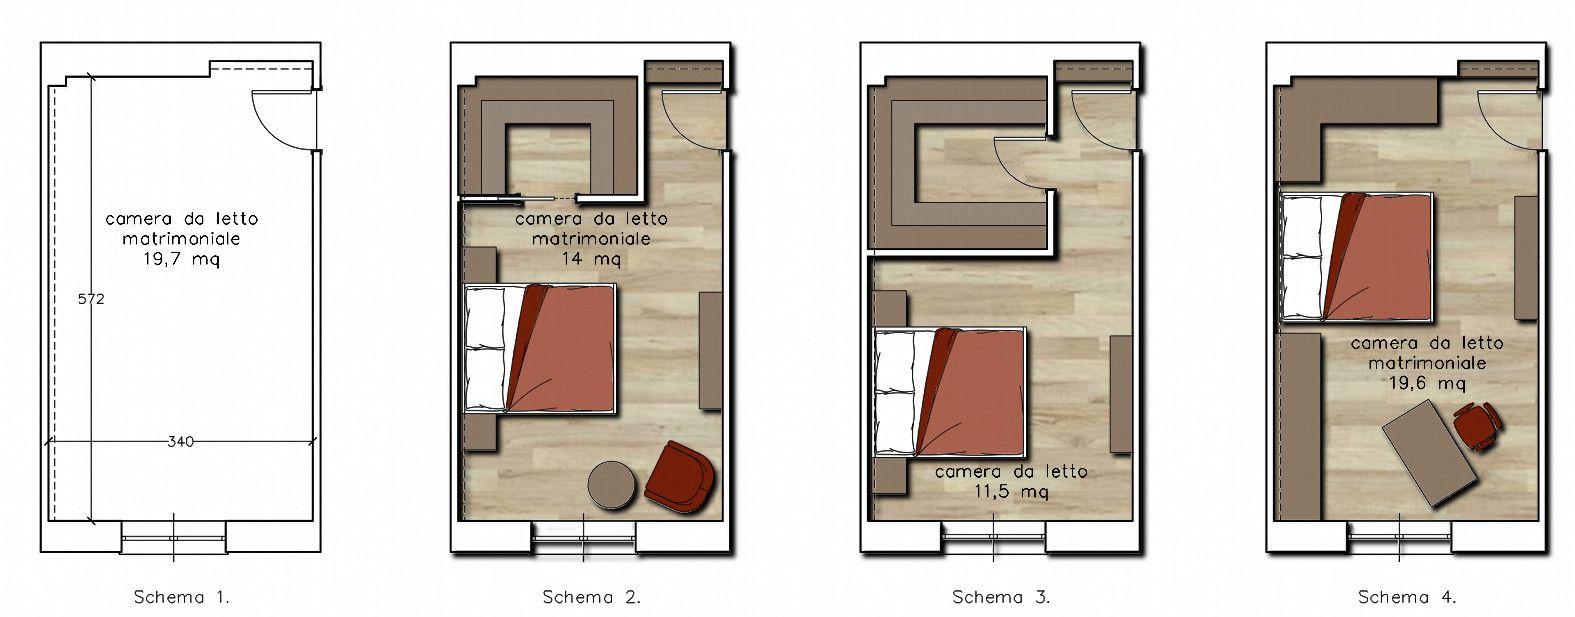 soluzioni camera matrimoniale piccola - Cerca con Google | Houses ...